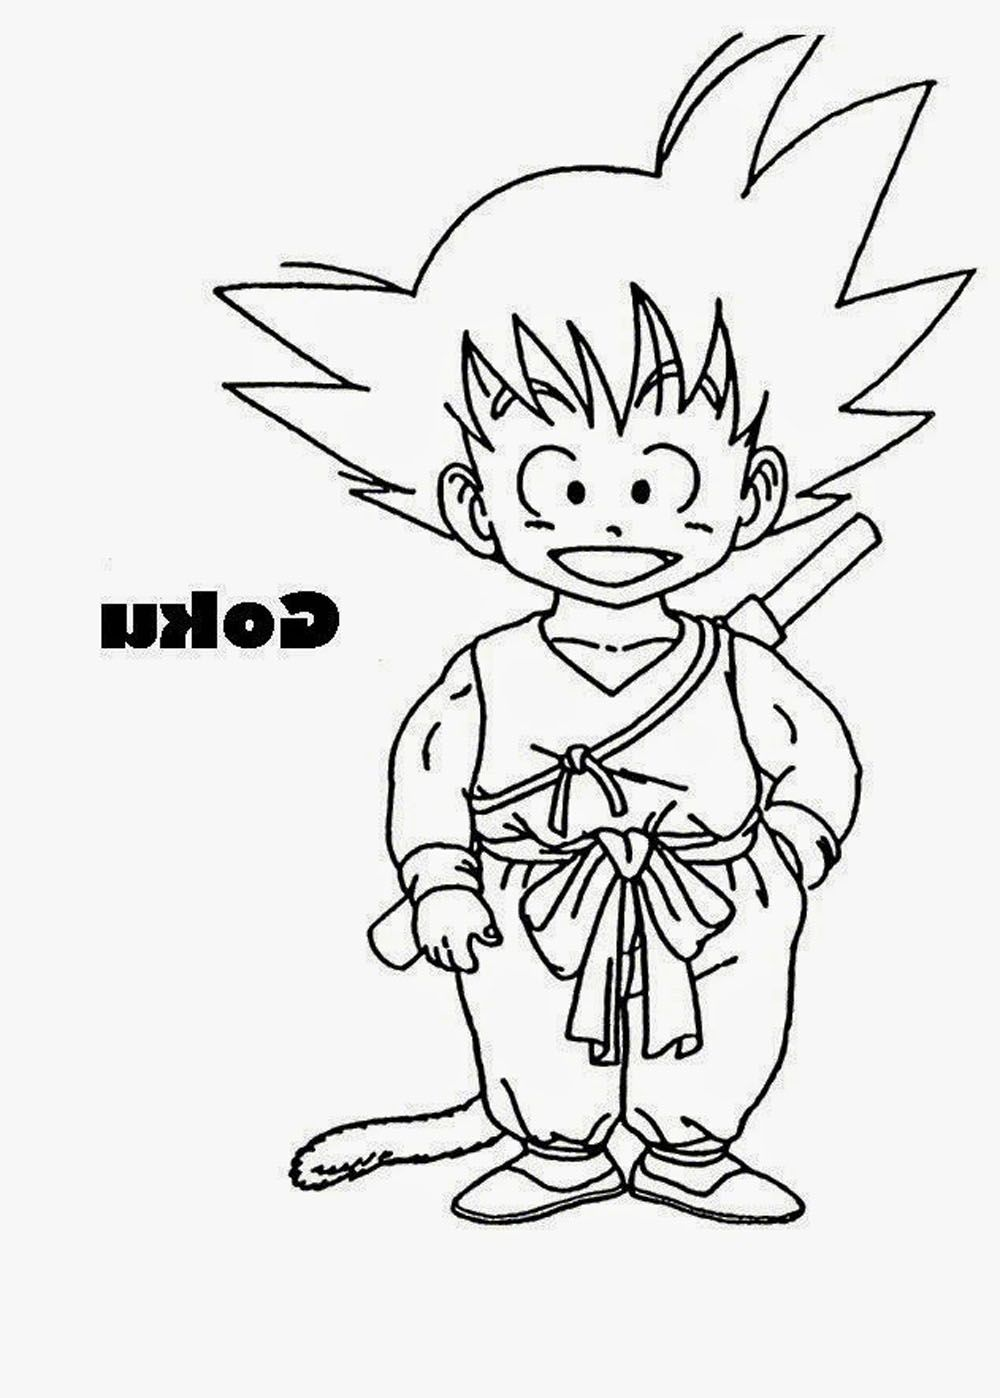 Dibujo de Goku niño con cola para imprimir doibujar y colorear ...